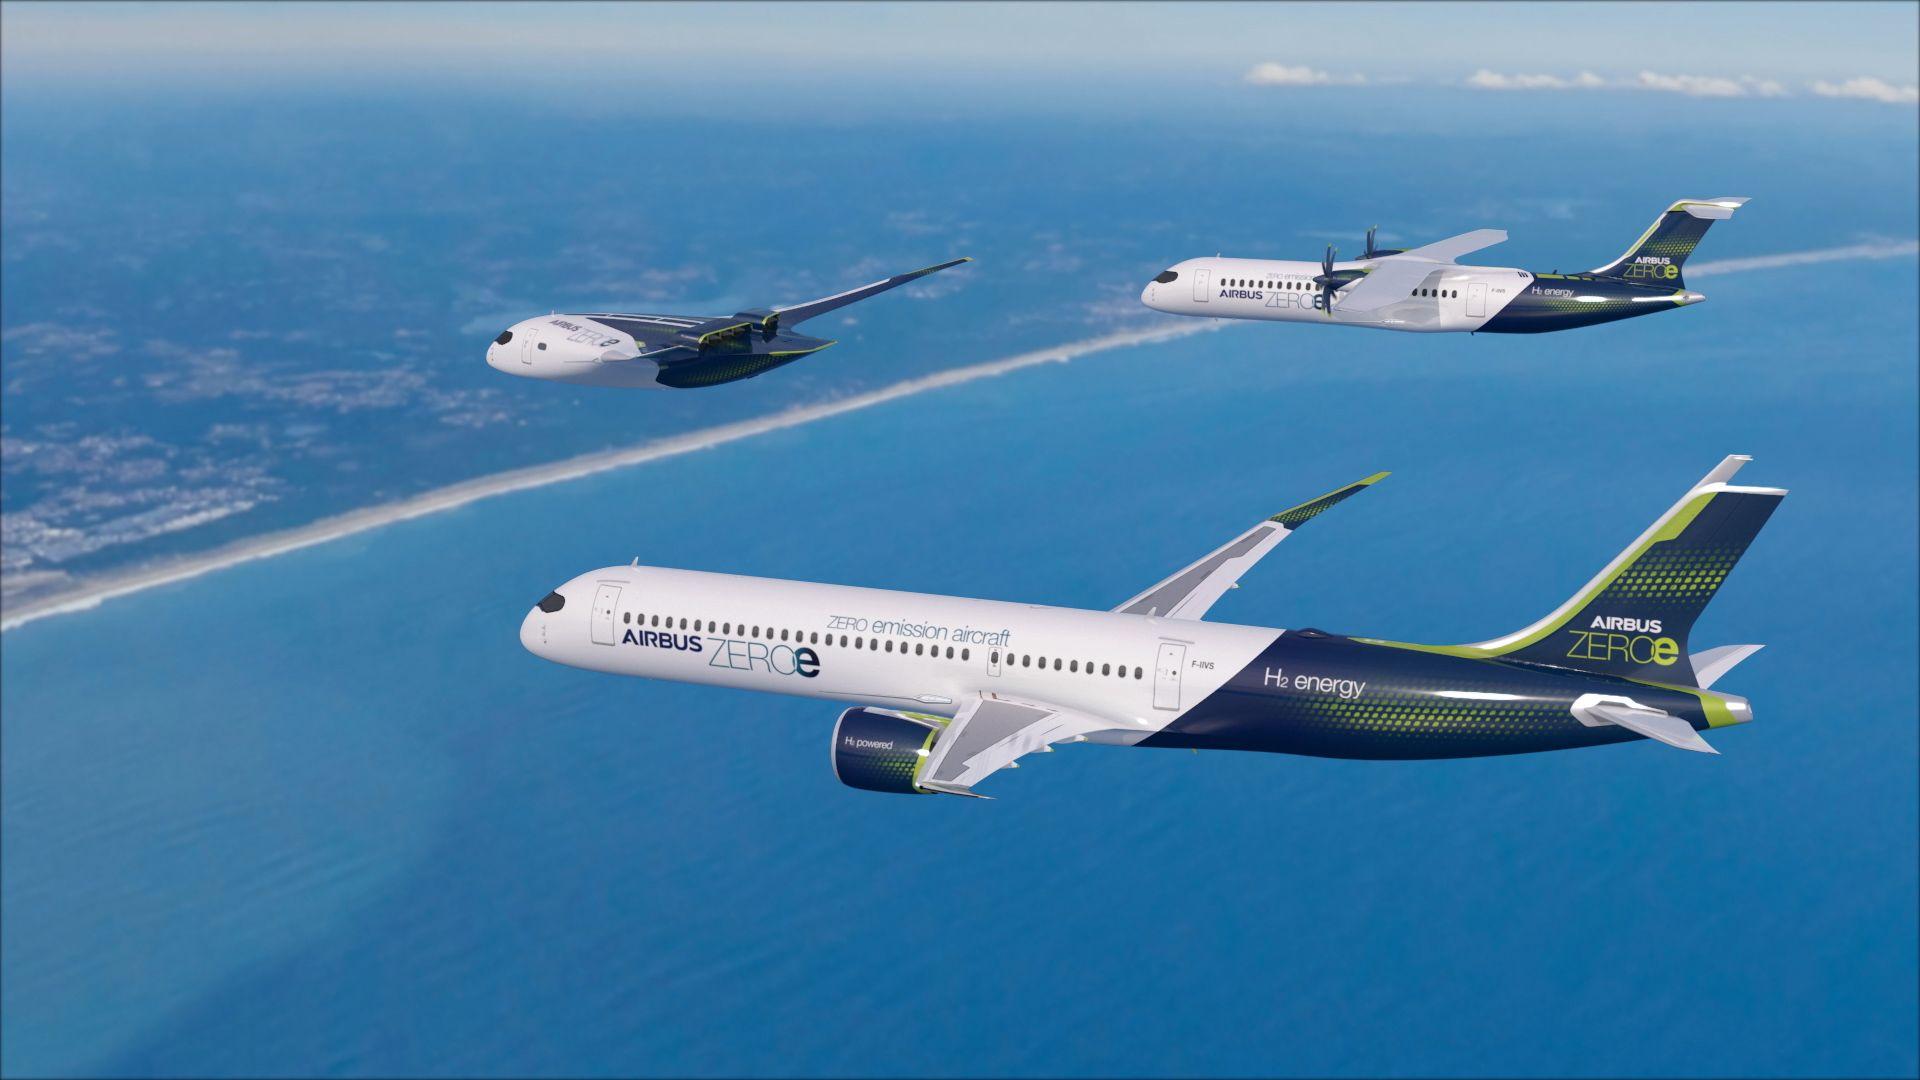 Airbus plant Wasserstoff betriebenes Flugzeug bis 2035